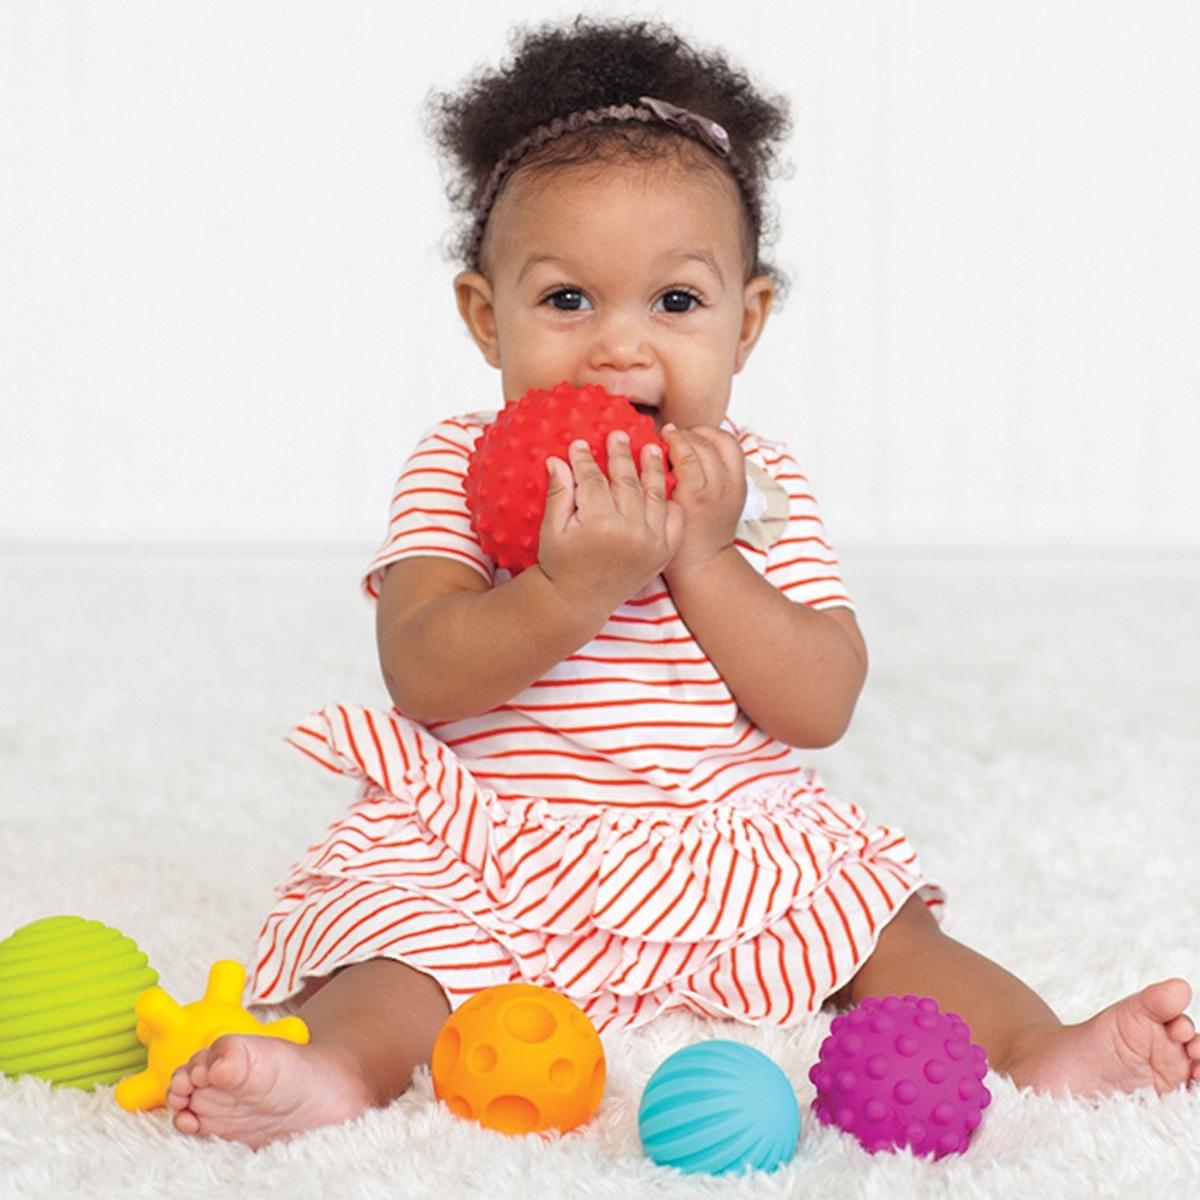 Infantino - Juego de bolas con textura 0B77V8Xh2